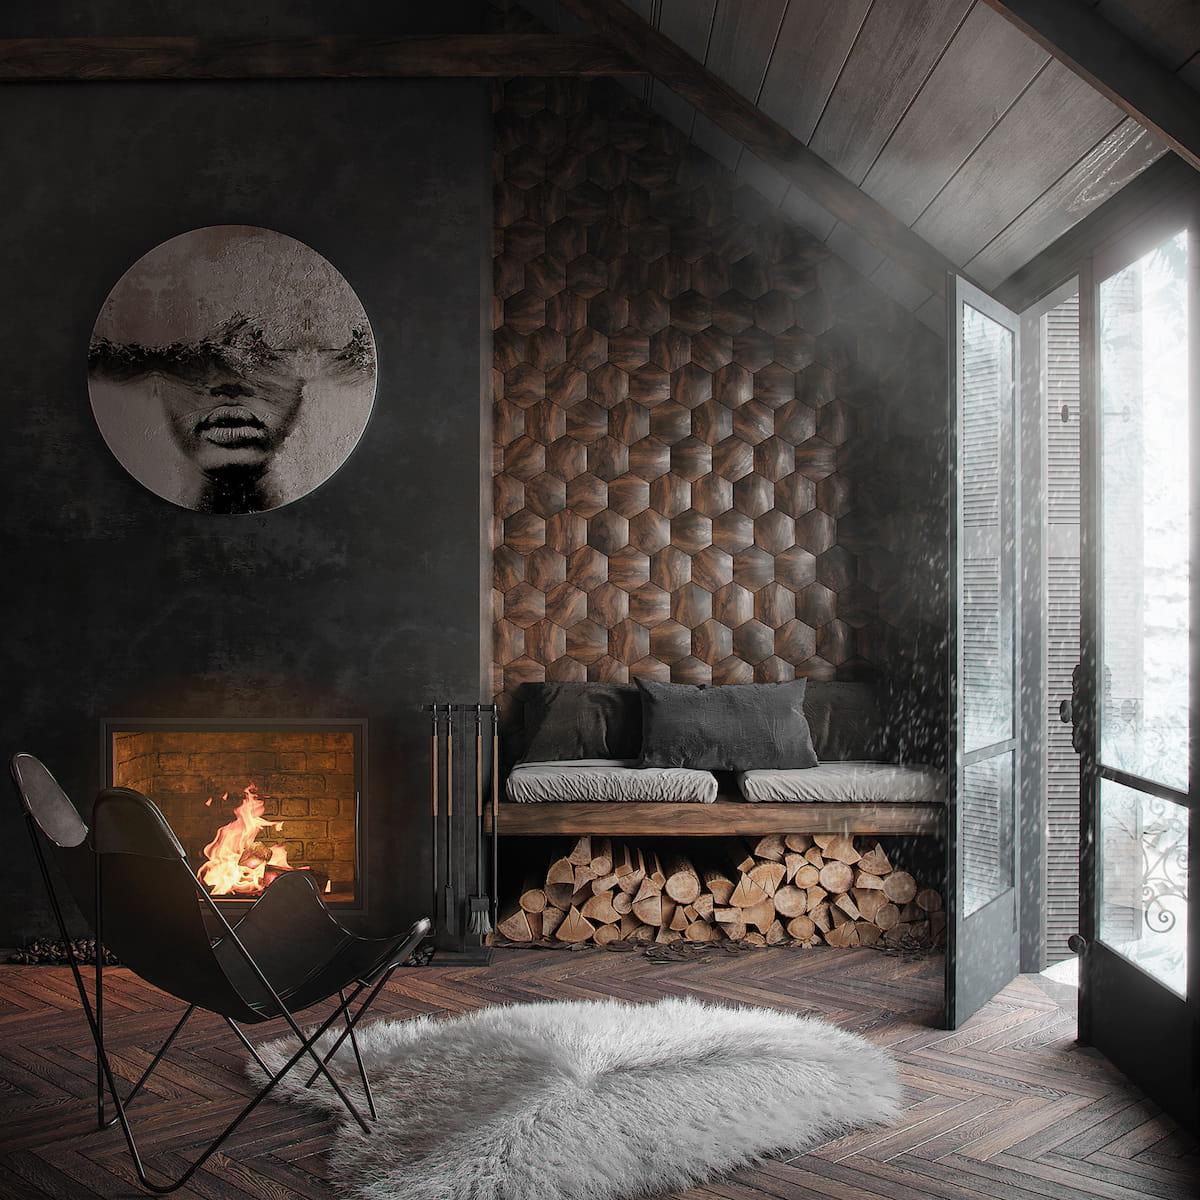 камин в интерьере гостиной фото 12